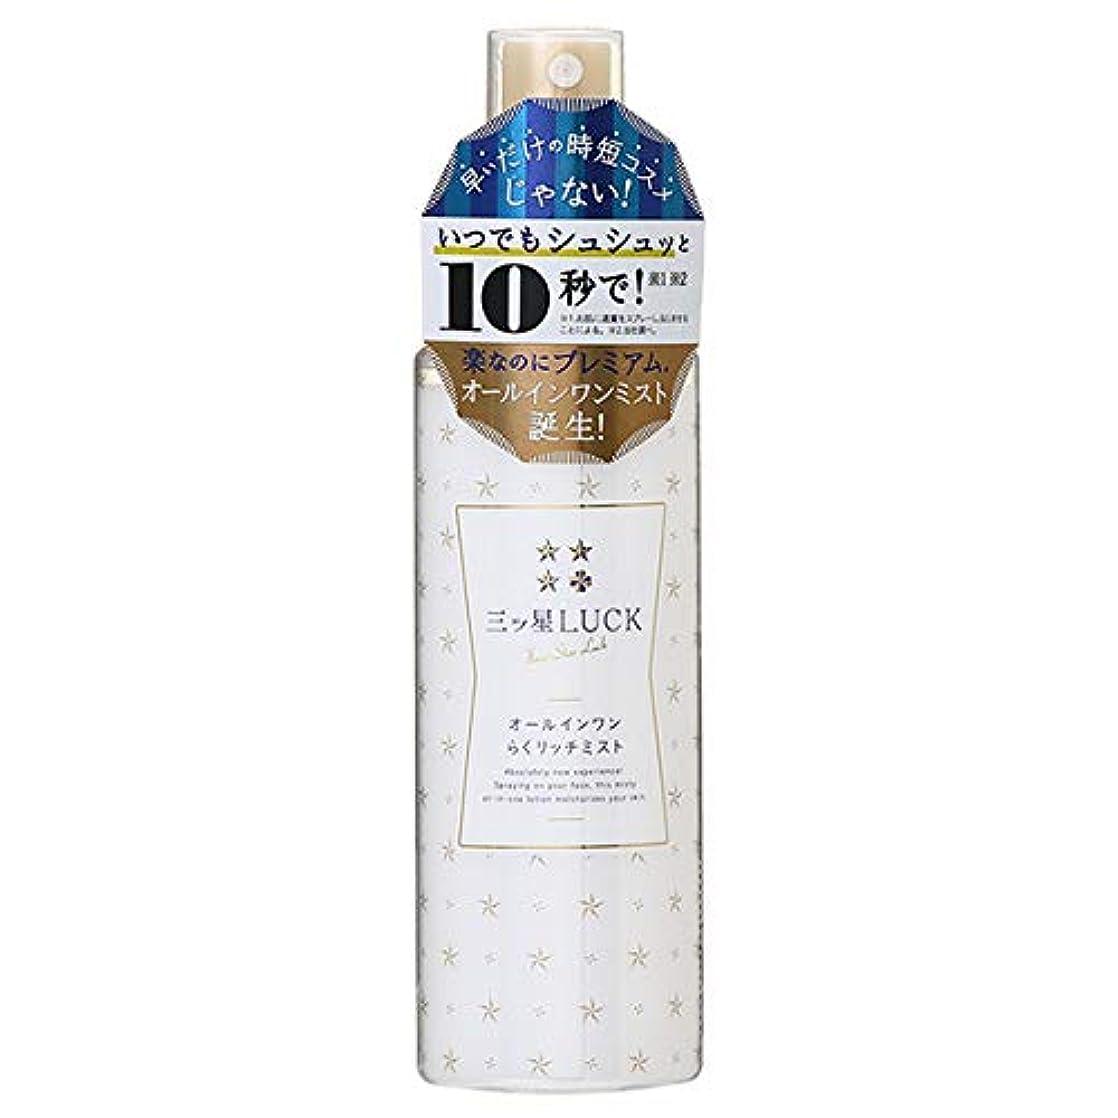 なめらかな反発シャンパン三ツ星ラック 三ツ星LUCK オールインワンらくリッチミスト(化粧水)100mL